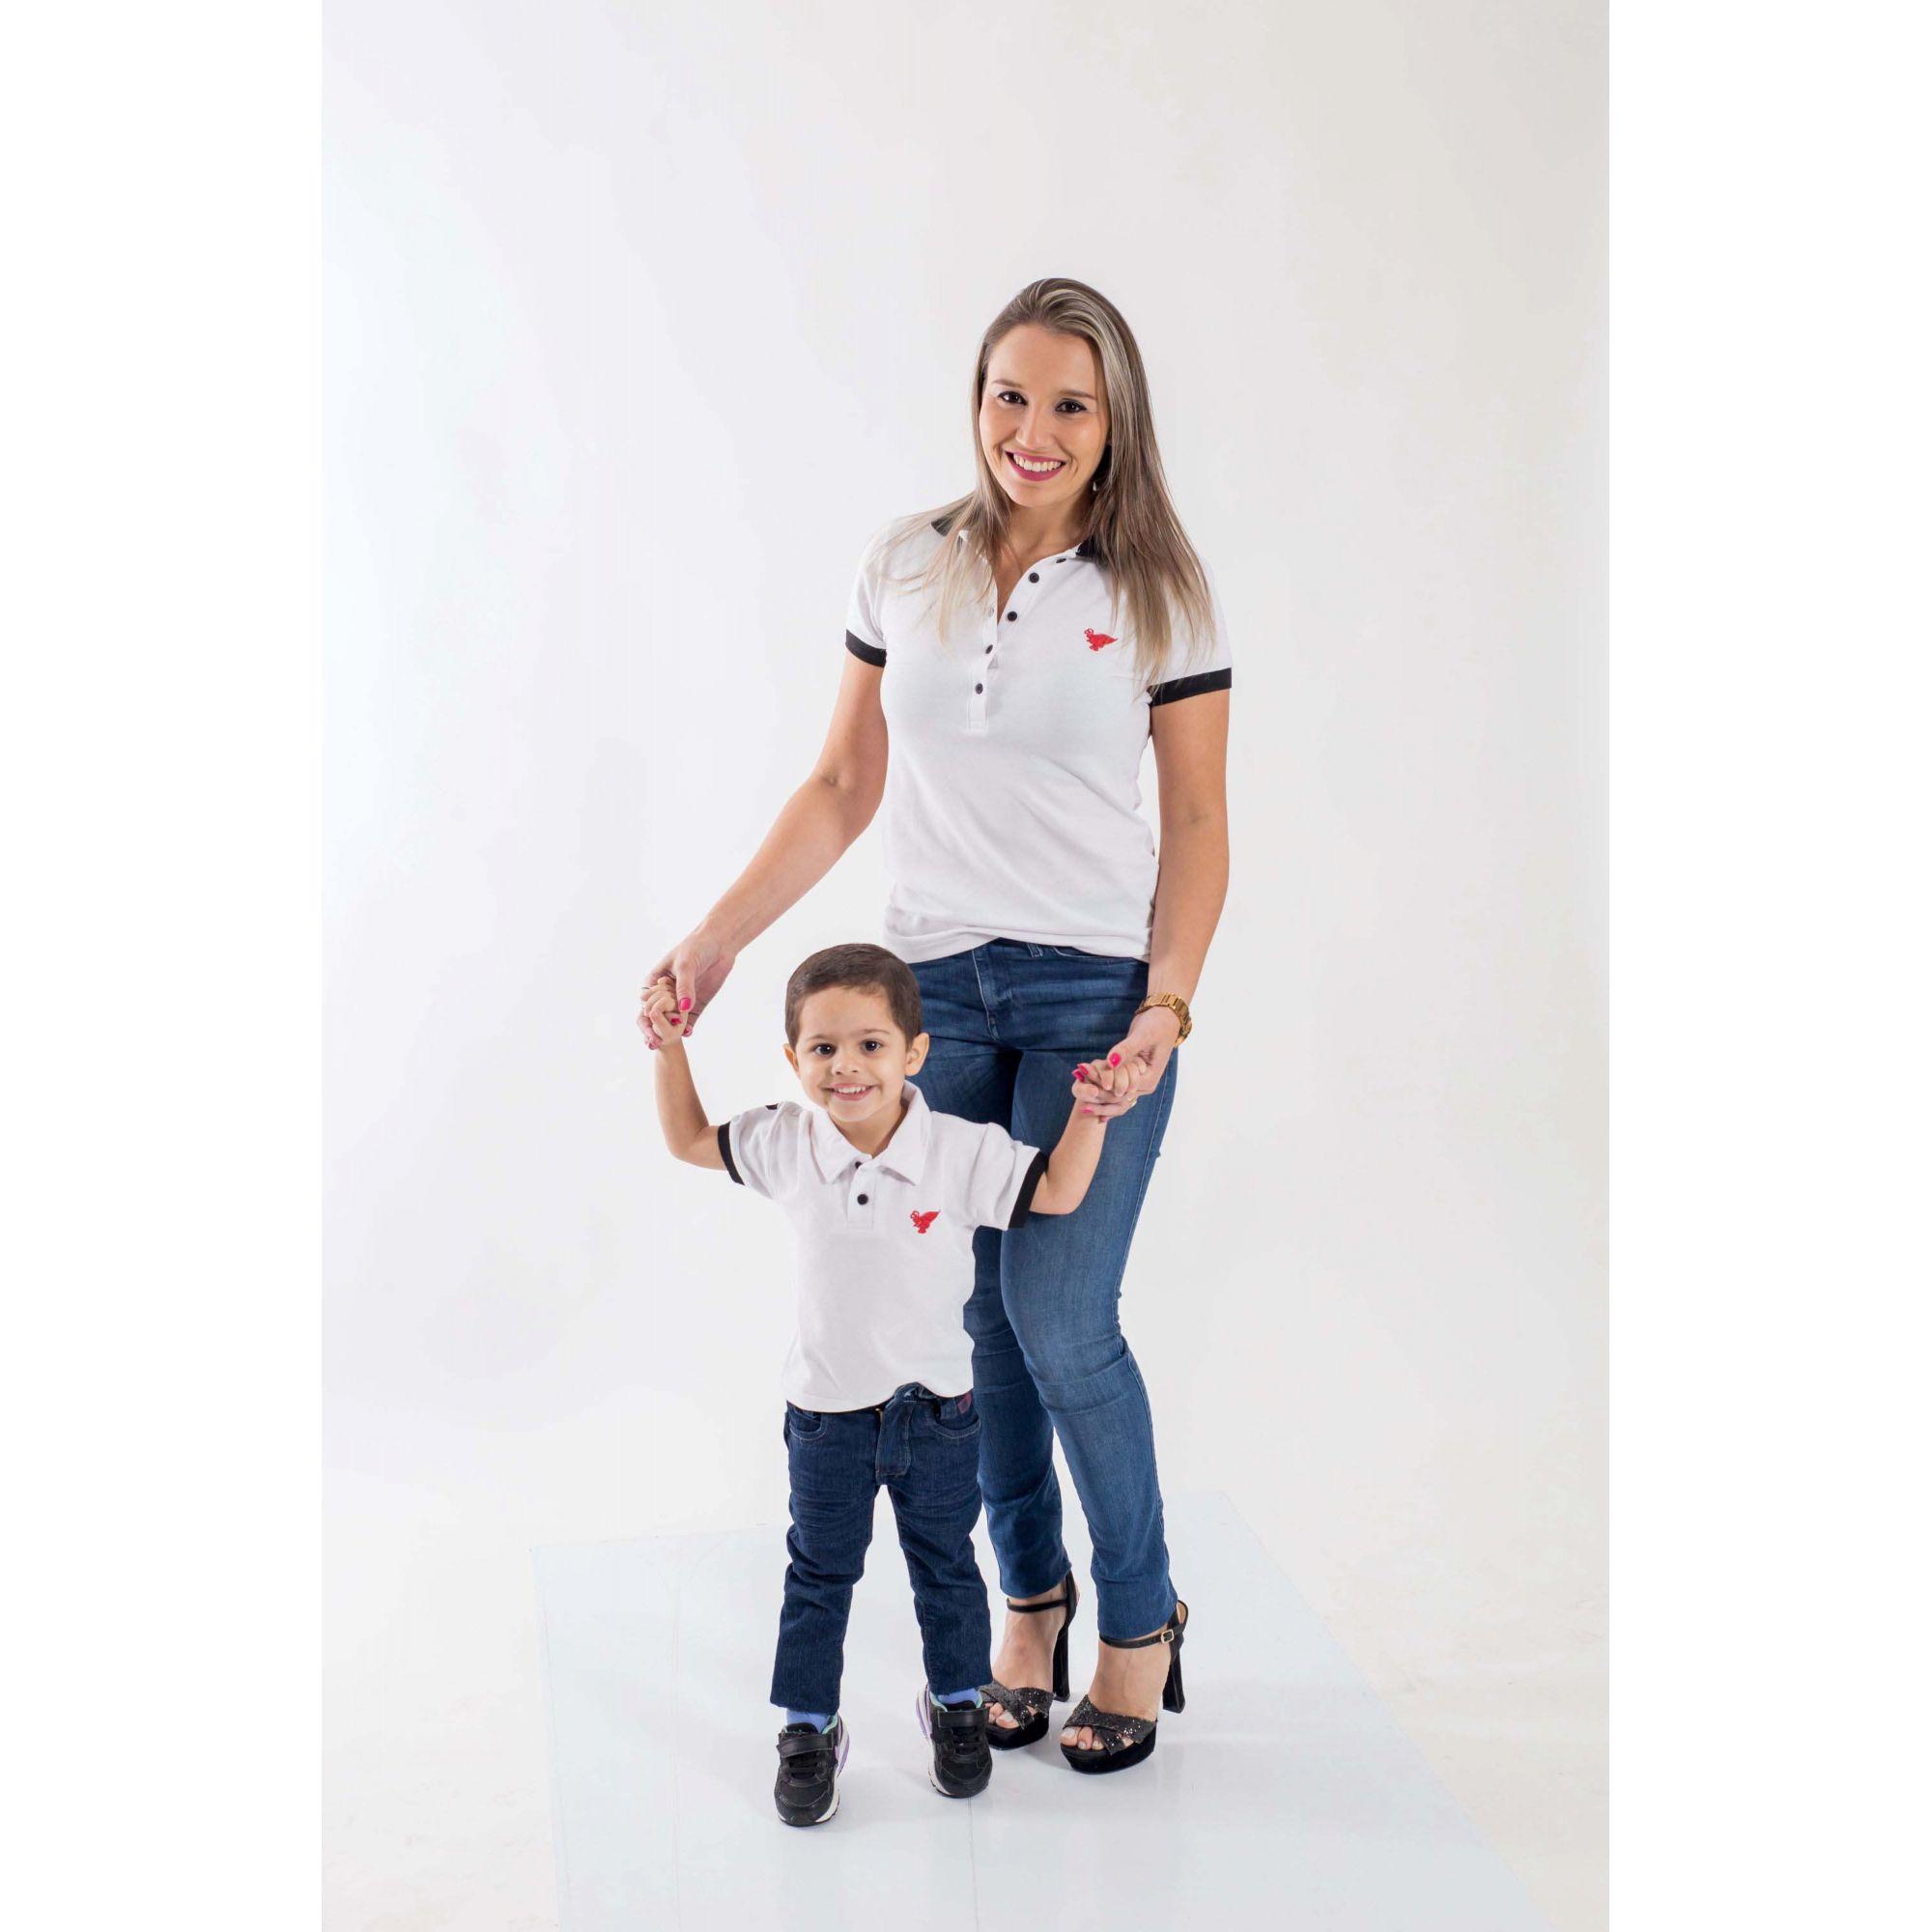 MÃE E FILHO > Kit 02 Peças - Camisas Branca com Preto [Coleção Tal Mãe Tal Filho]